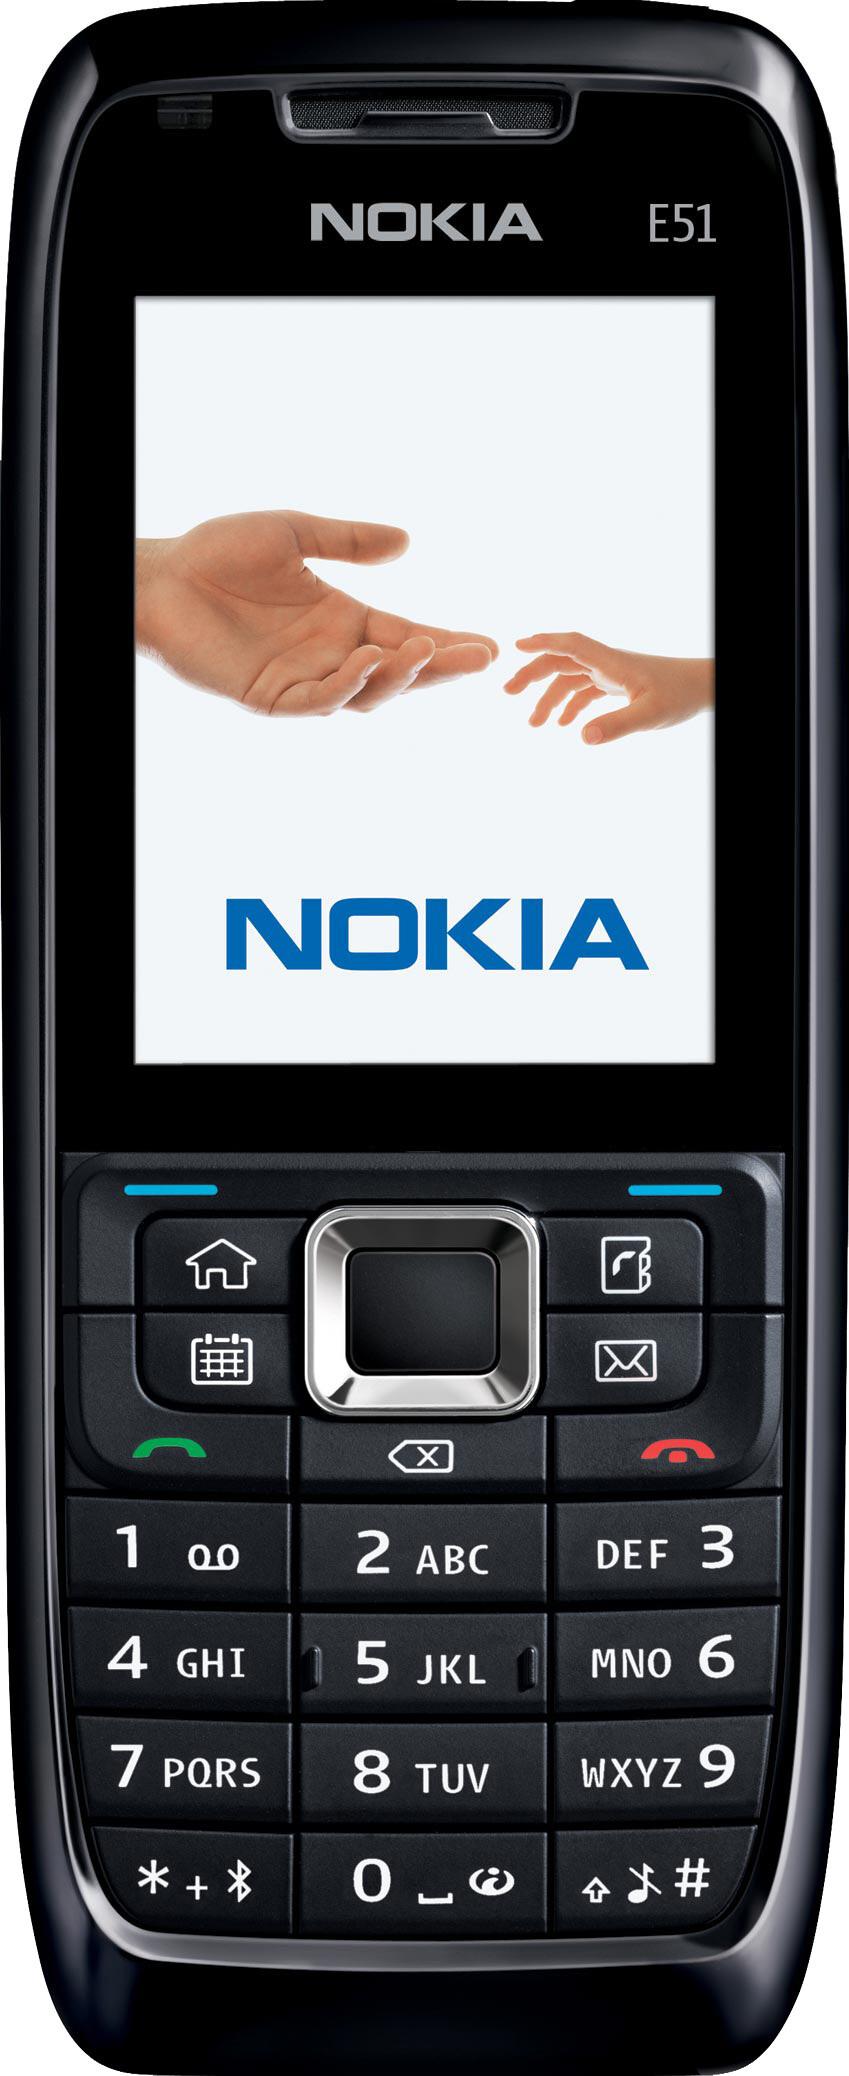 nokia e51 size real life visualization and comparison rh phonearena com Nokia E52 Nokia E90 Communicator